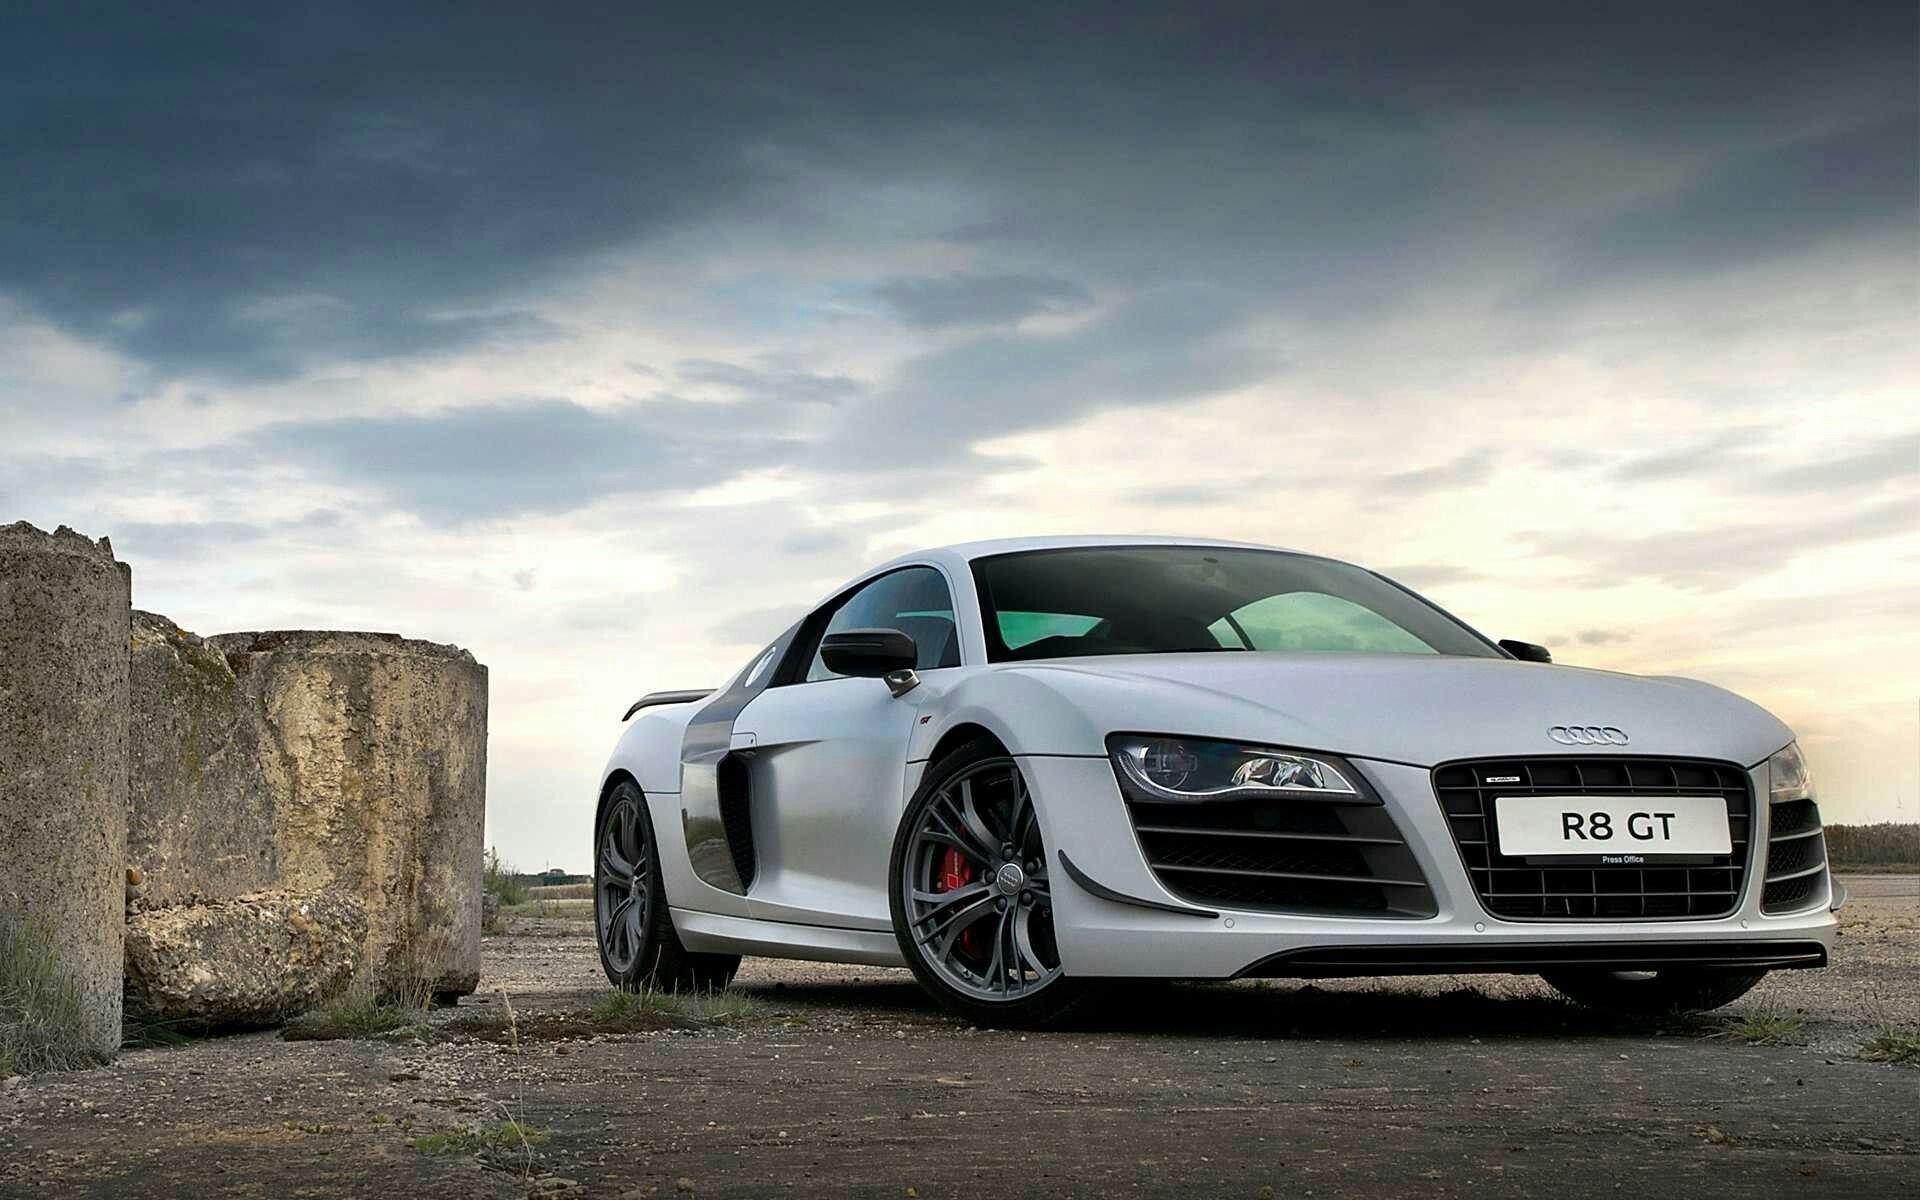 Exceptionnel Audi R8 Desktop Wallpapers 8 | Audi R8 Desktop Wallpapers | Pinterest |  Wallpaper